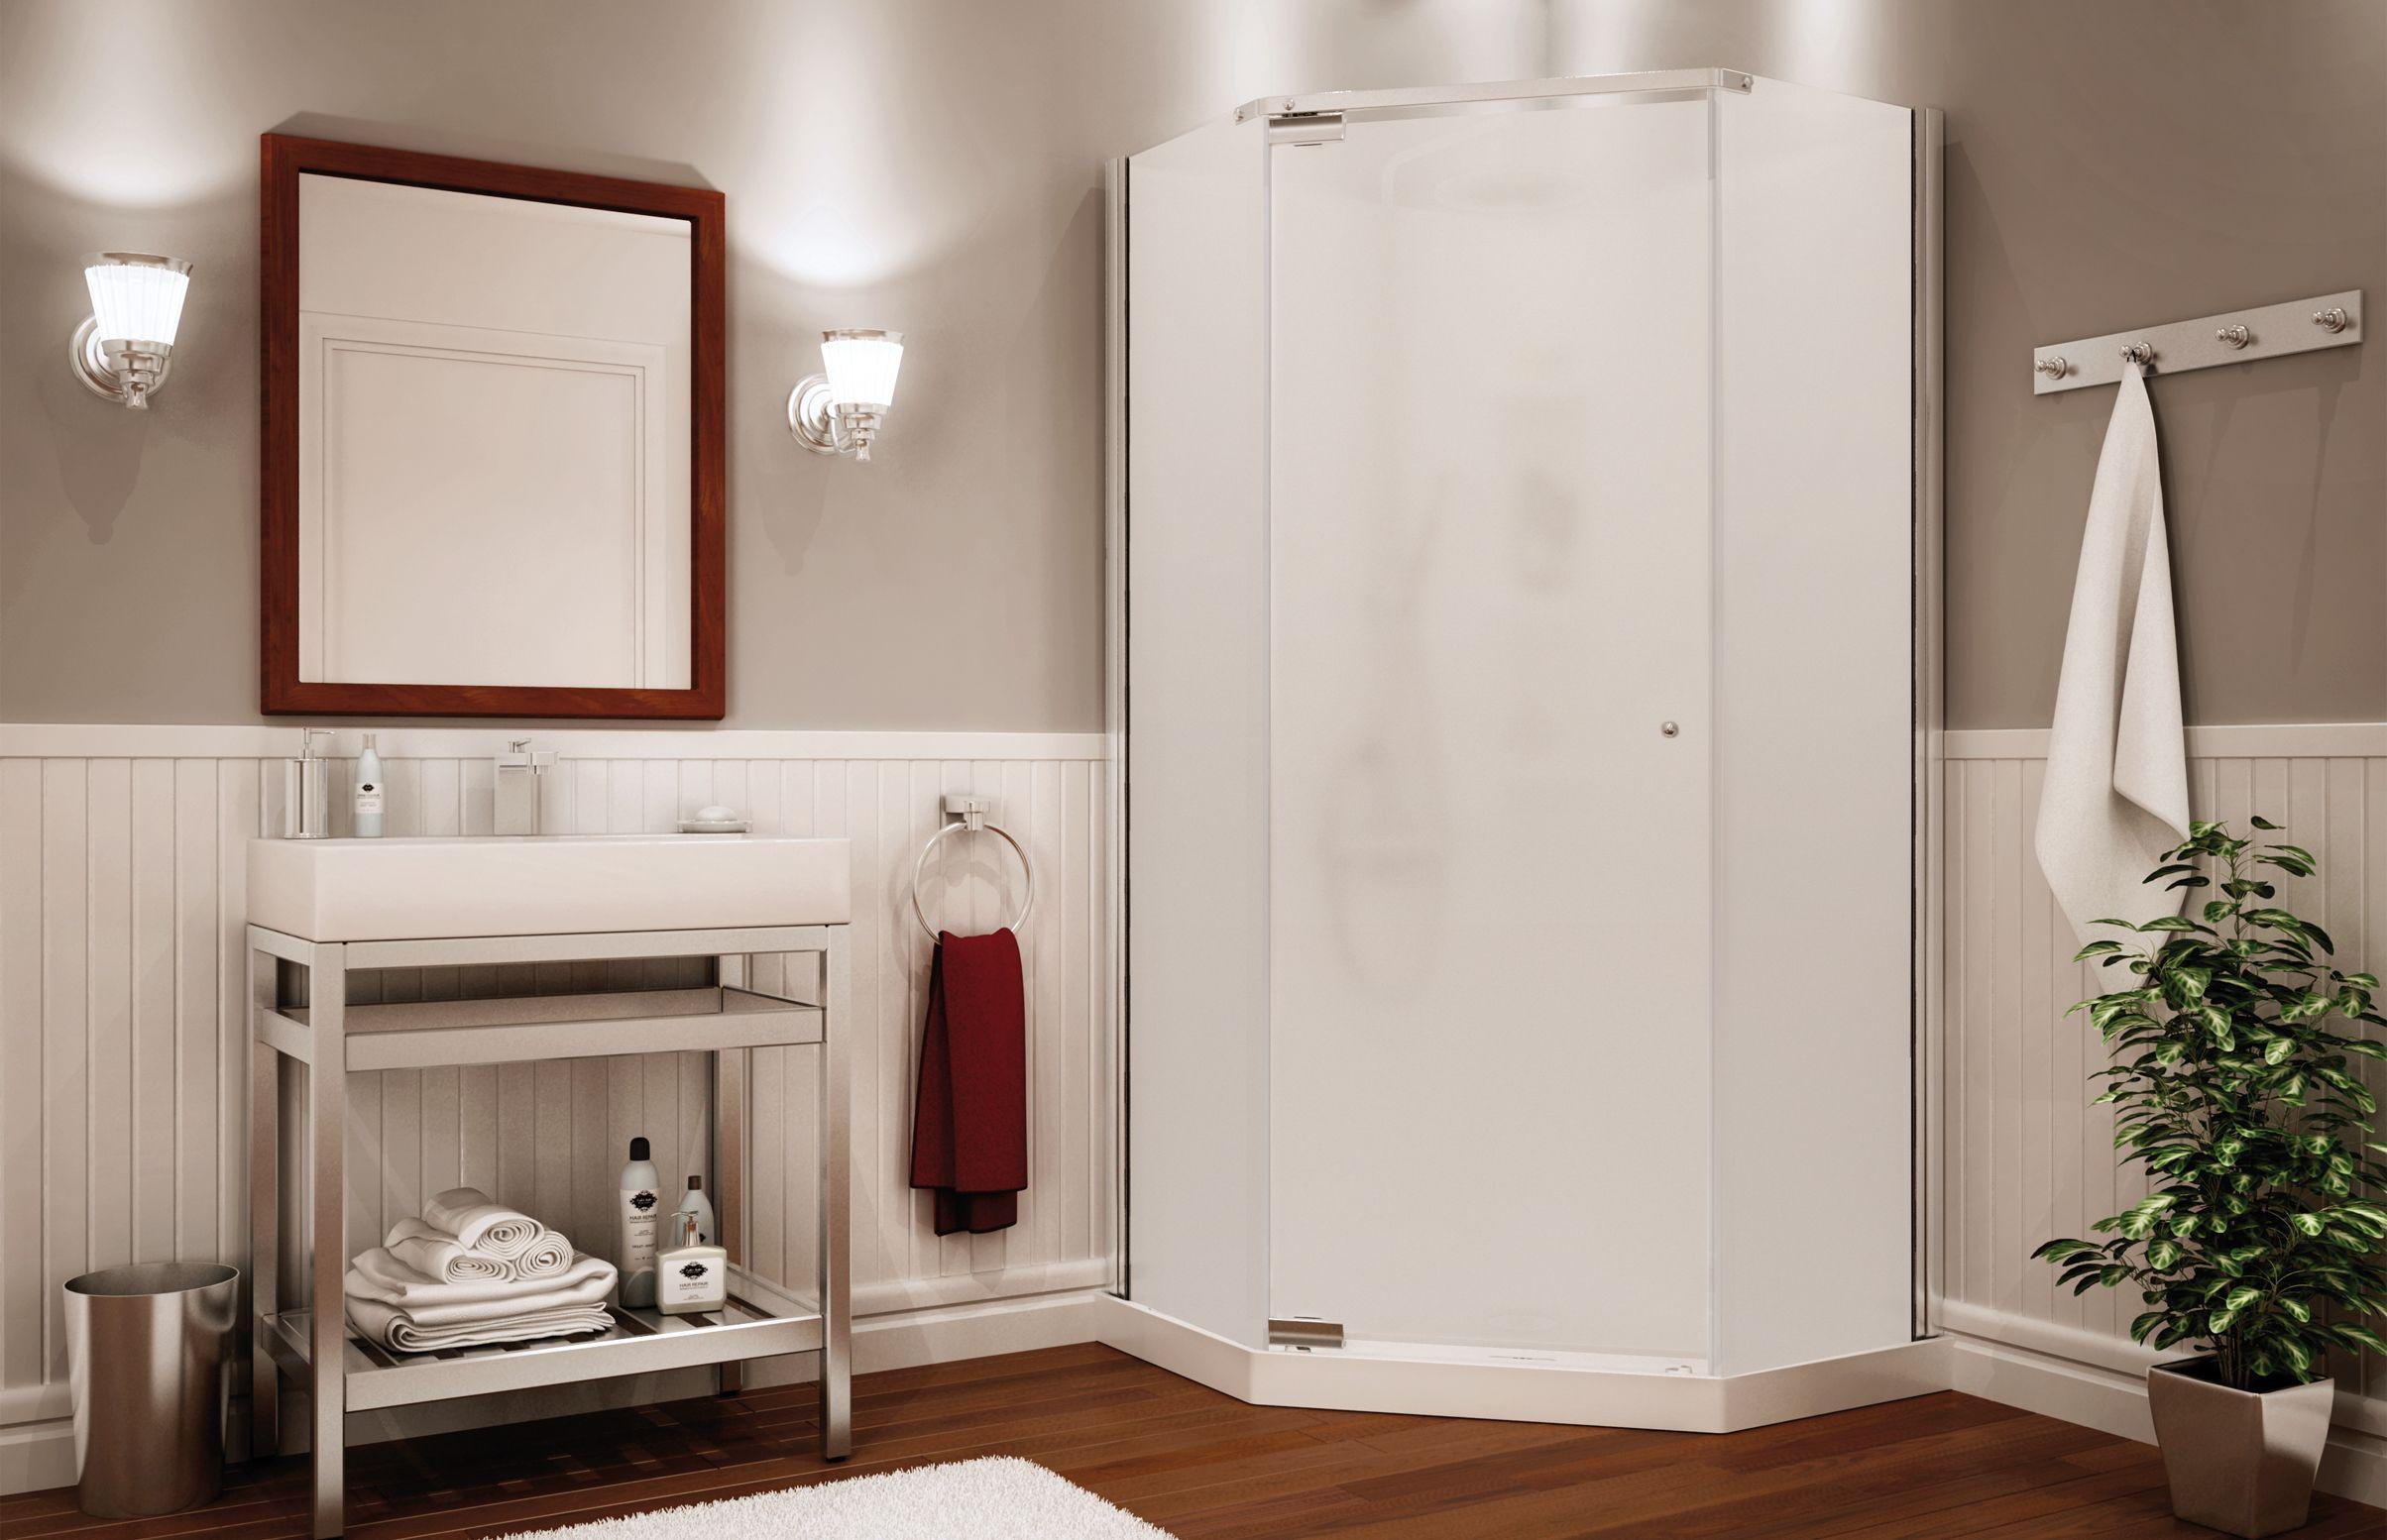 pinkathy ricci on bathroom ideas  corner shower units